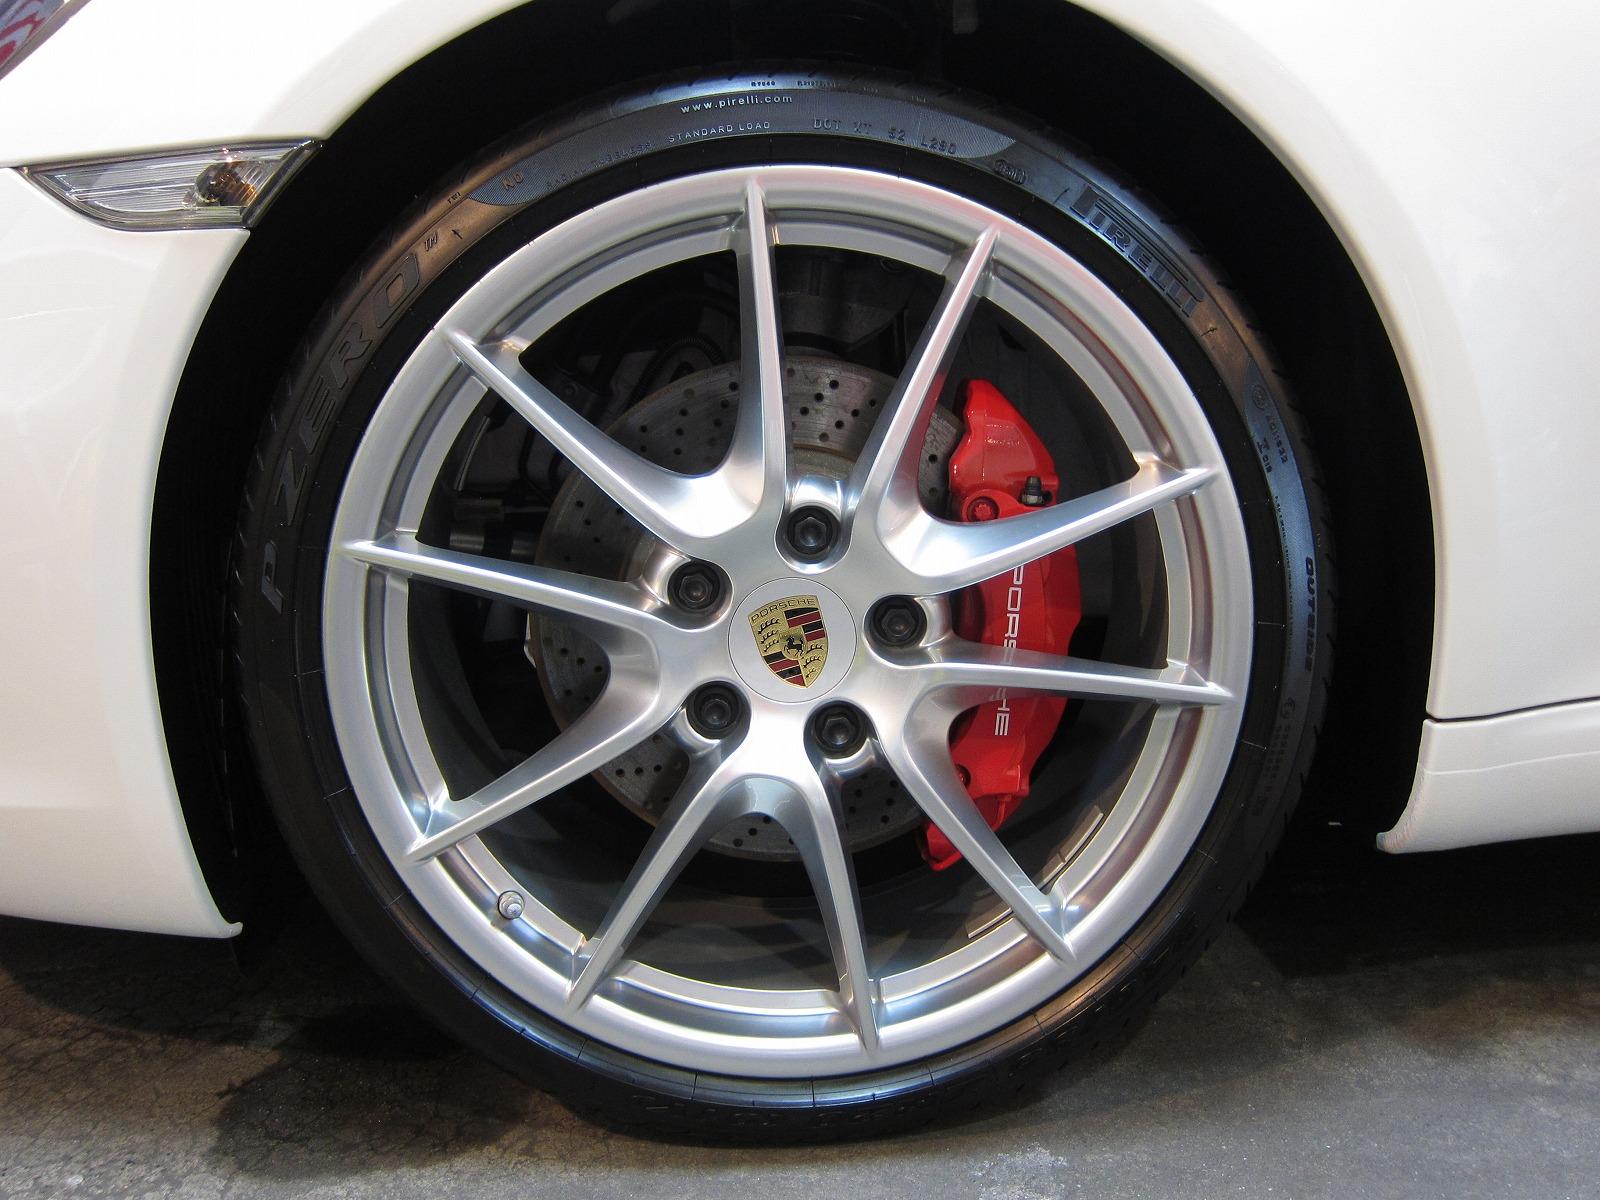 120929-porsche-911-carreras-991-12